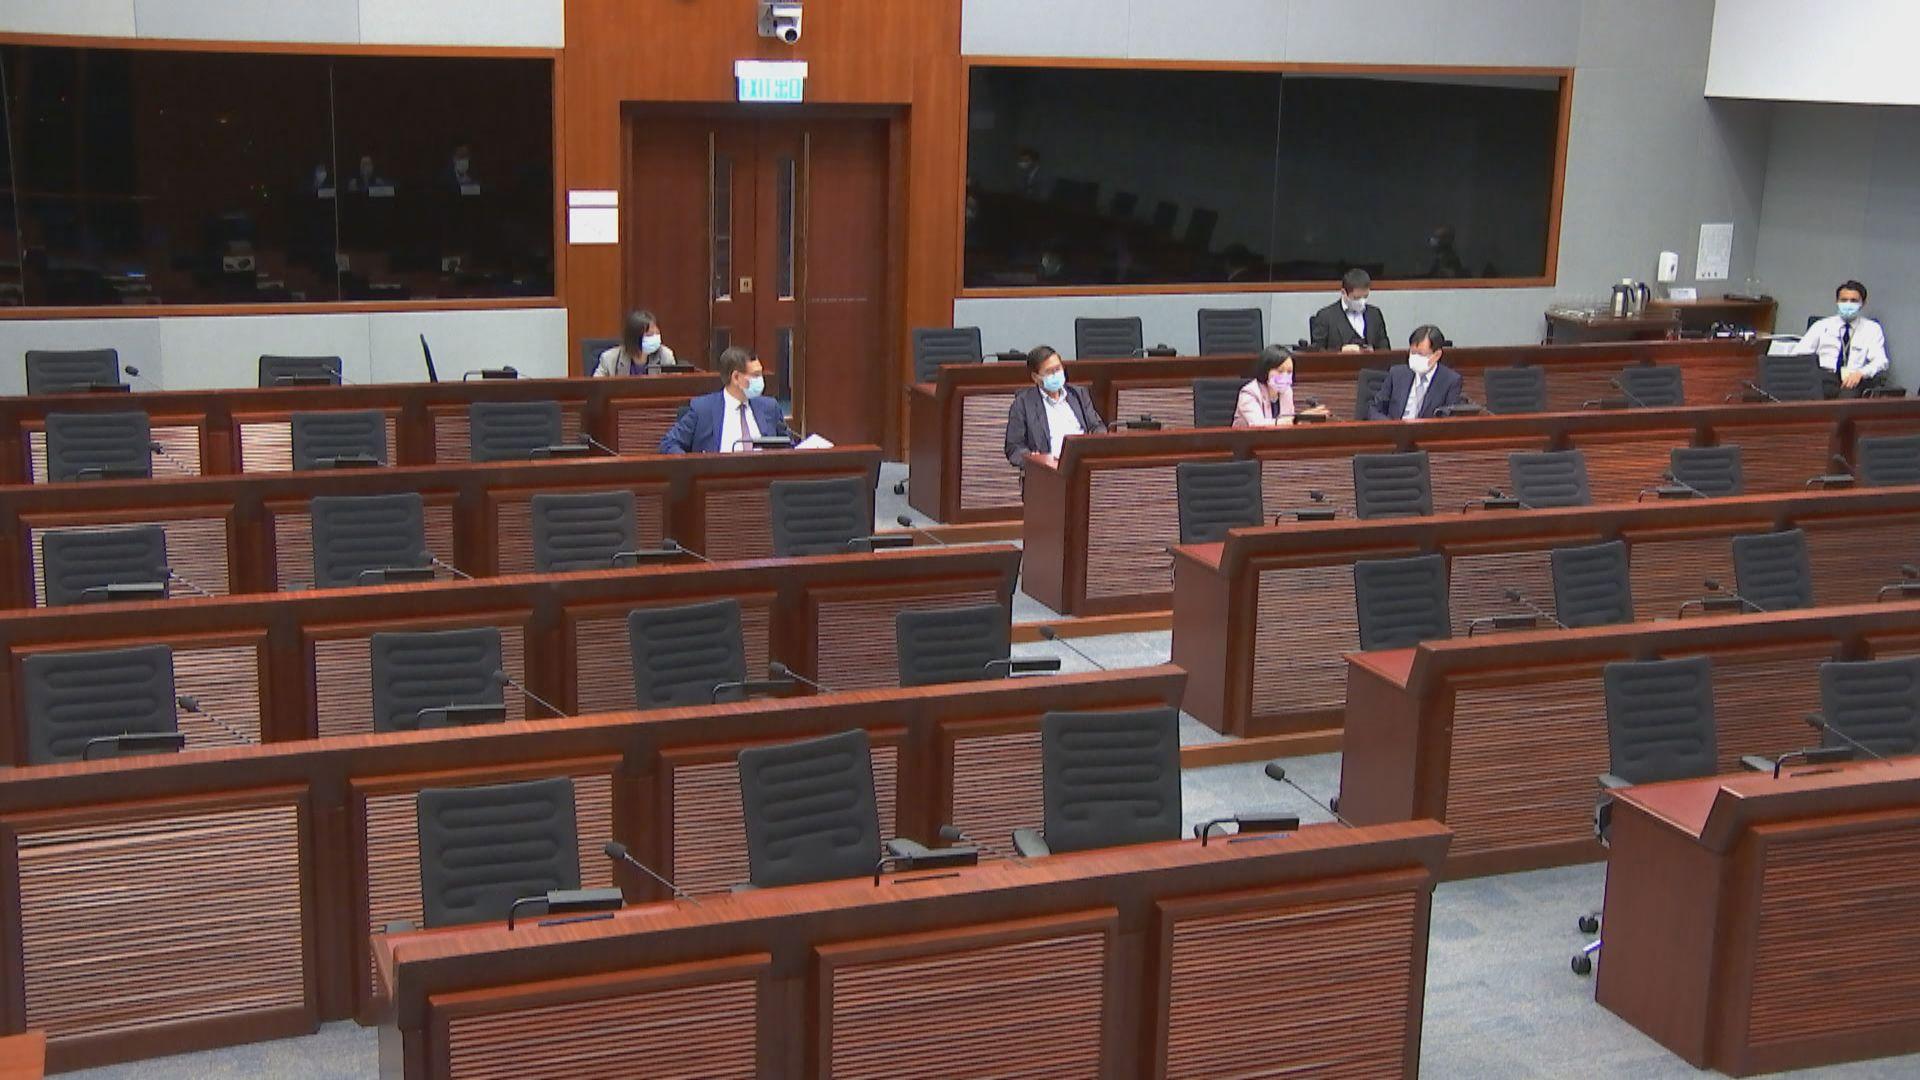 政府建議開設公務員學院院長 年薪約327萬元